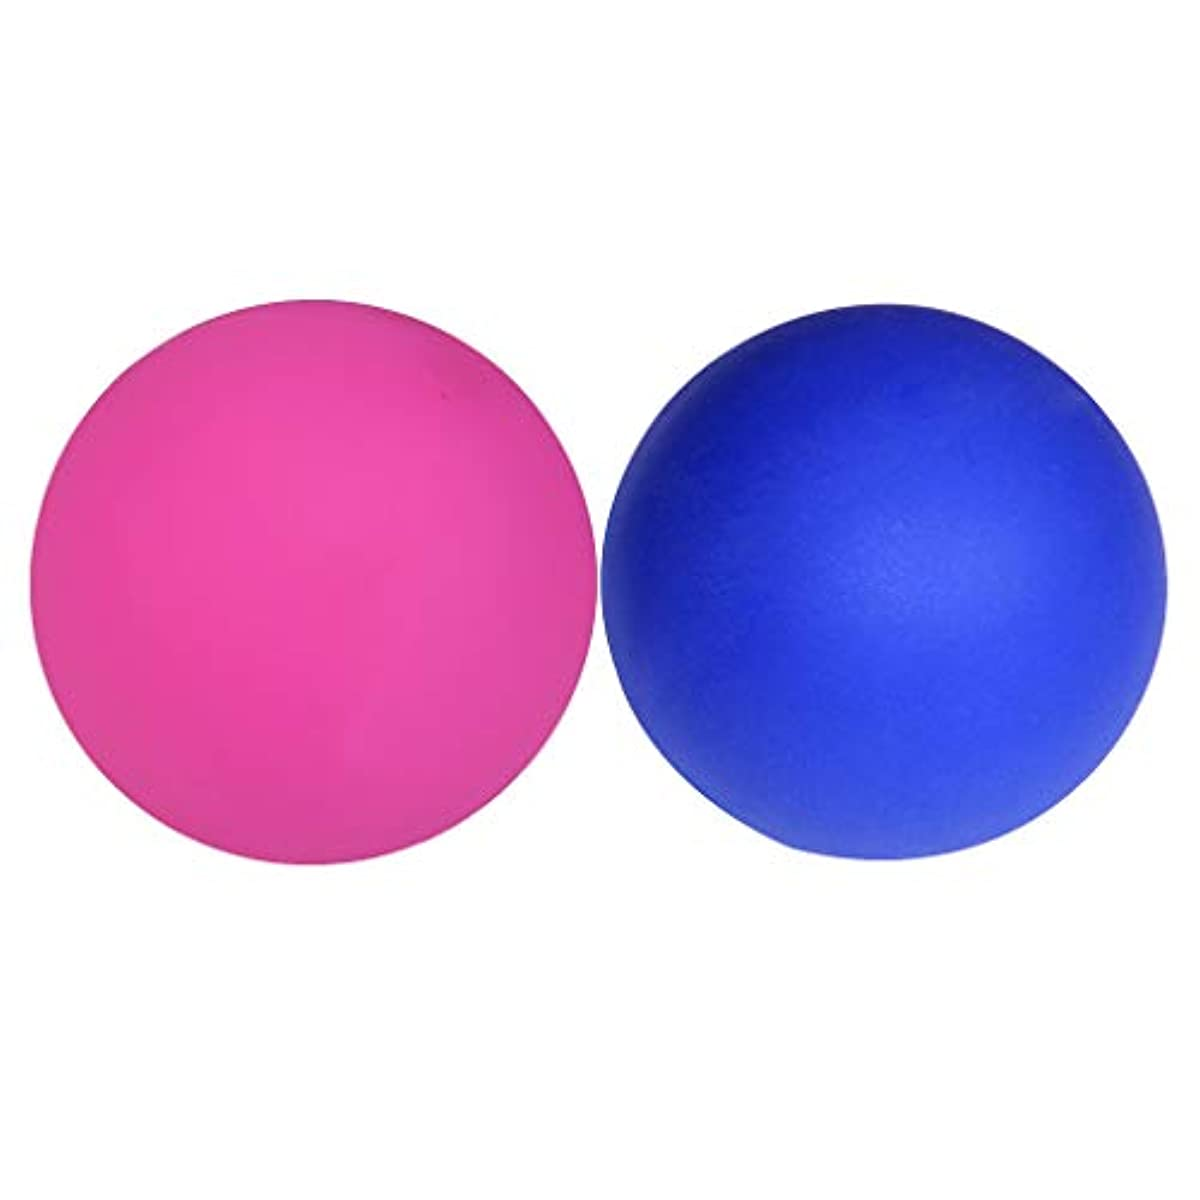 安心させる離婚アーカイブsharprepublic 筋膜の容易さボディトリガーポイントマッサージのための2個のマッサージラクロスボール